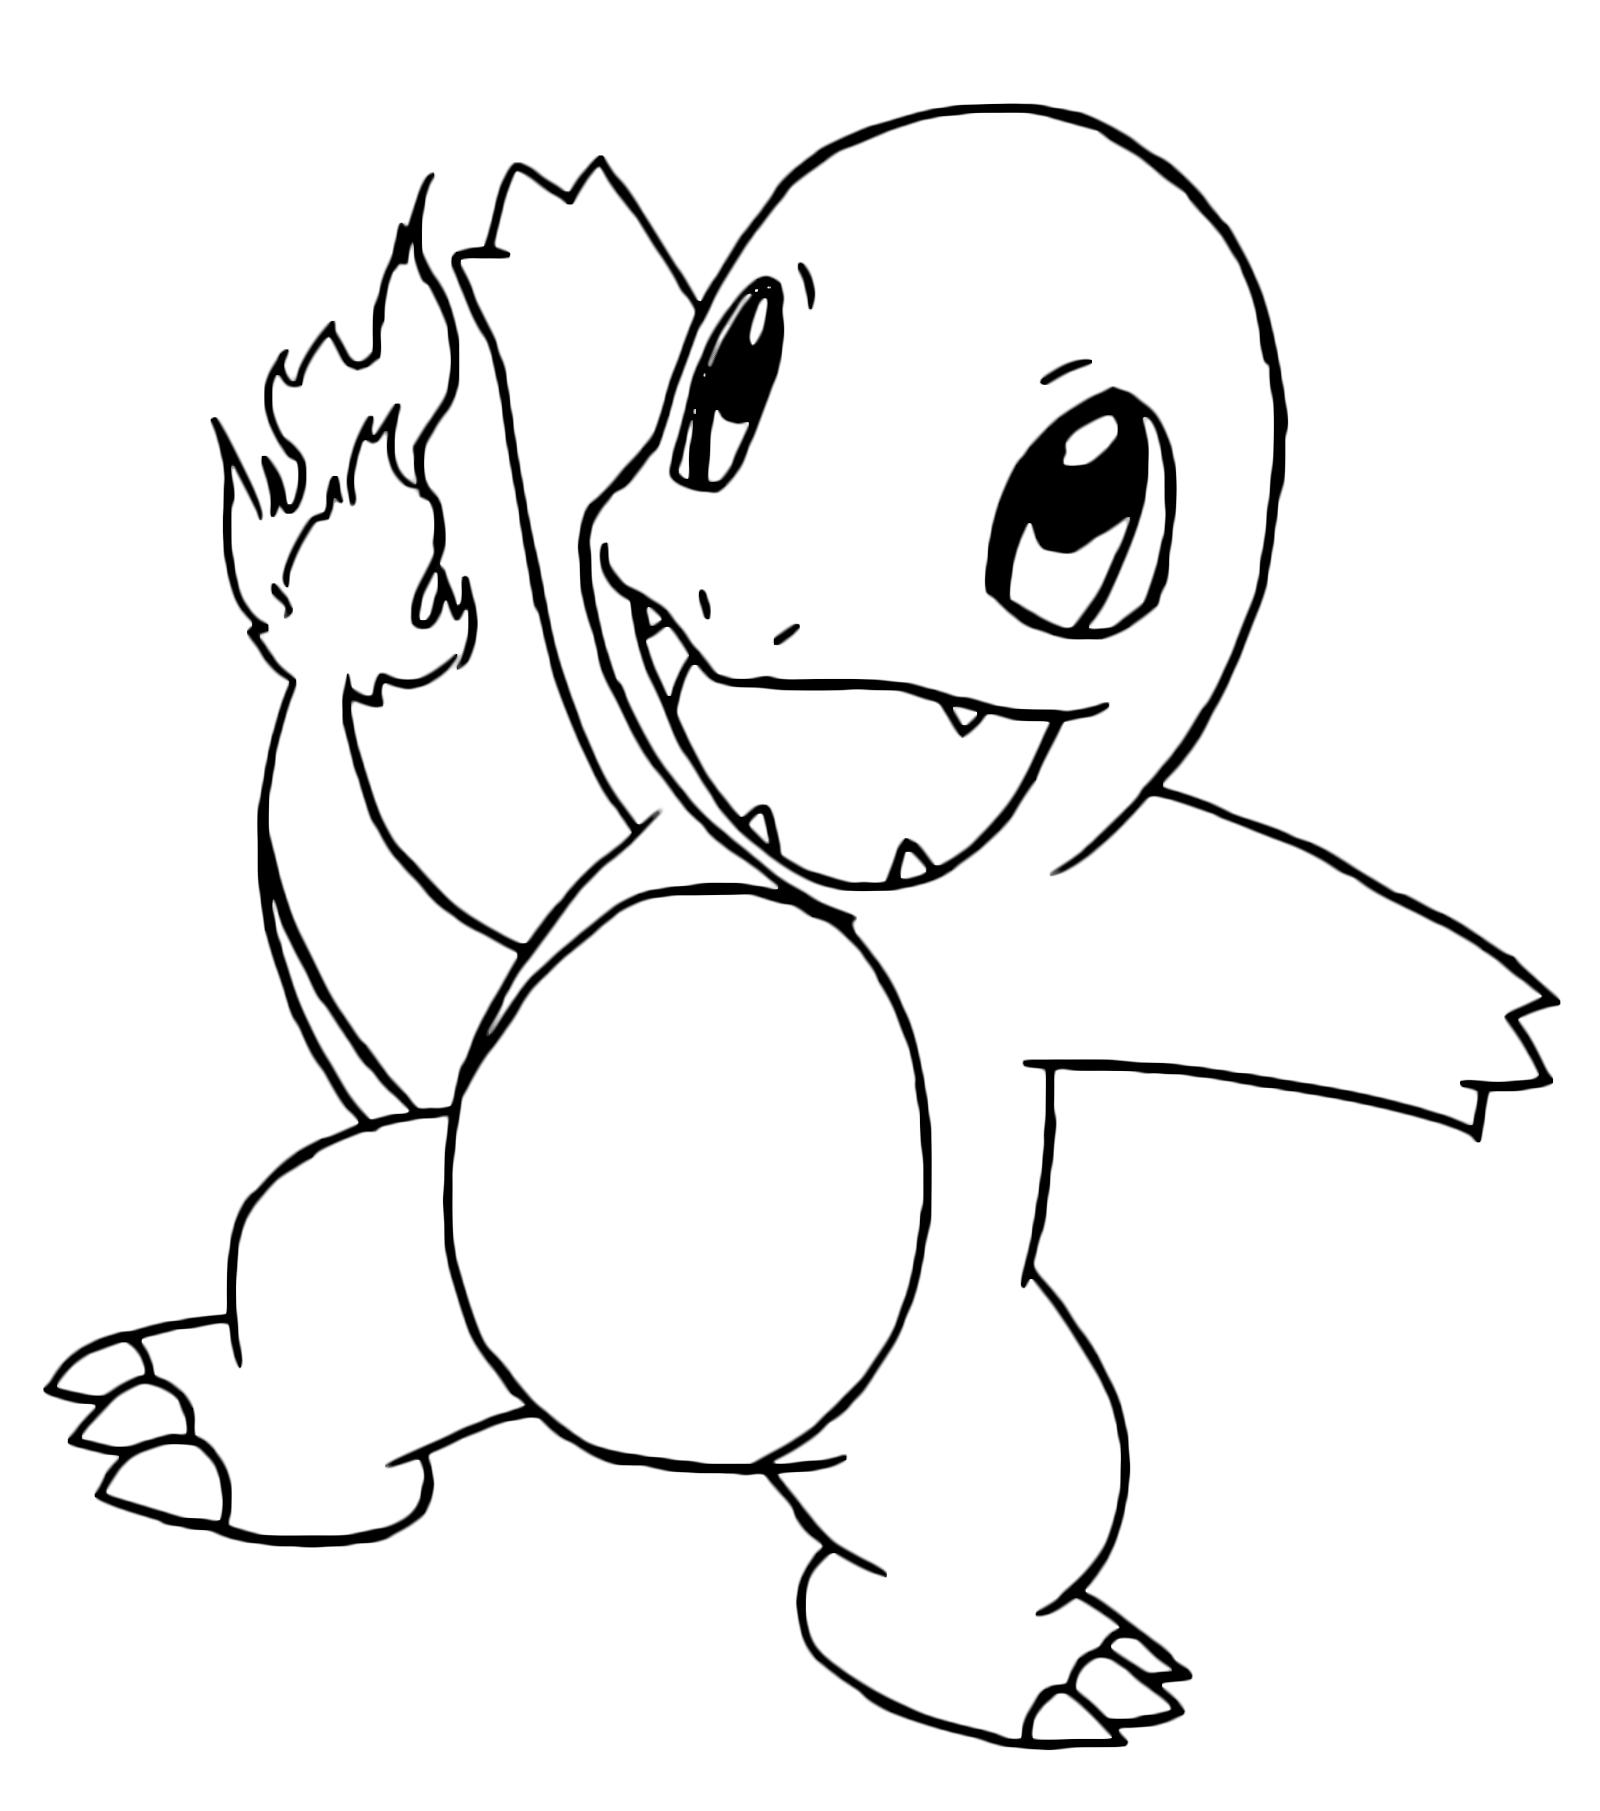 Pokémon - Gen. 1 - Charmander cucciolo - 4 - Fuoco